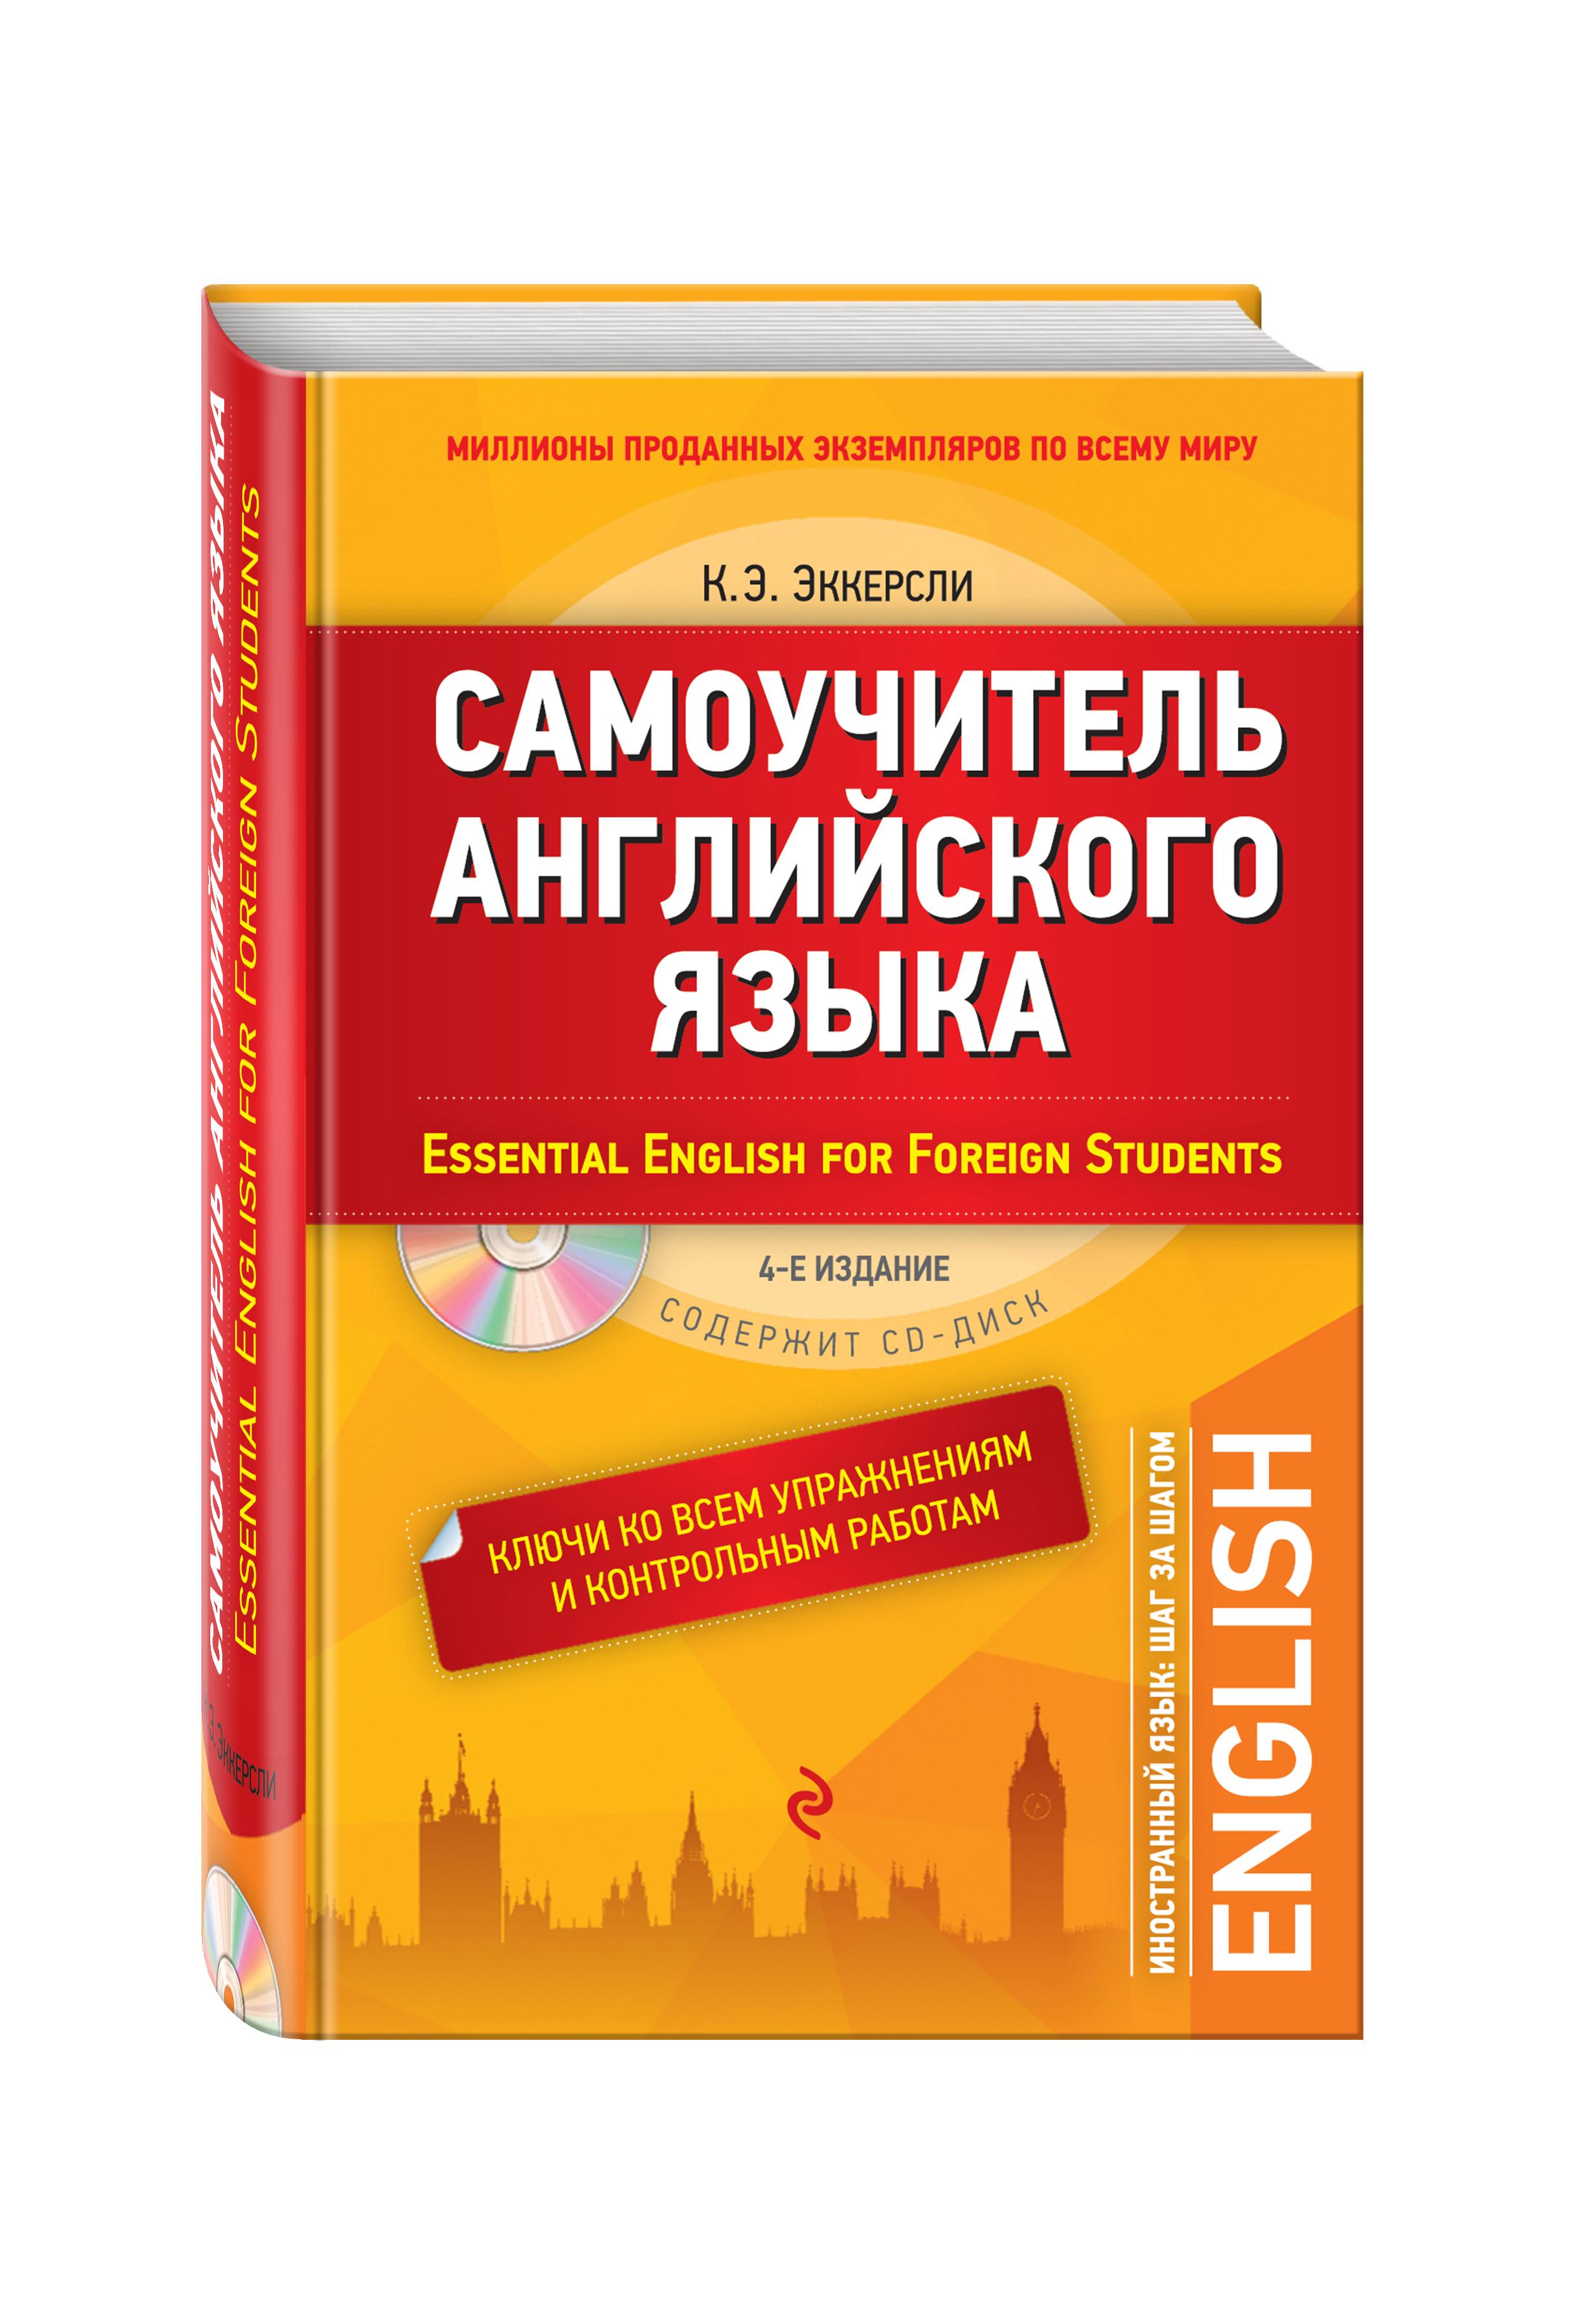 Самоучитель английского языка (+СD). С ключами ко всем упражнениям и контрольным работам. 4-е издание